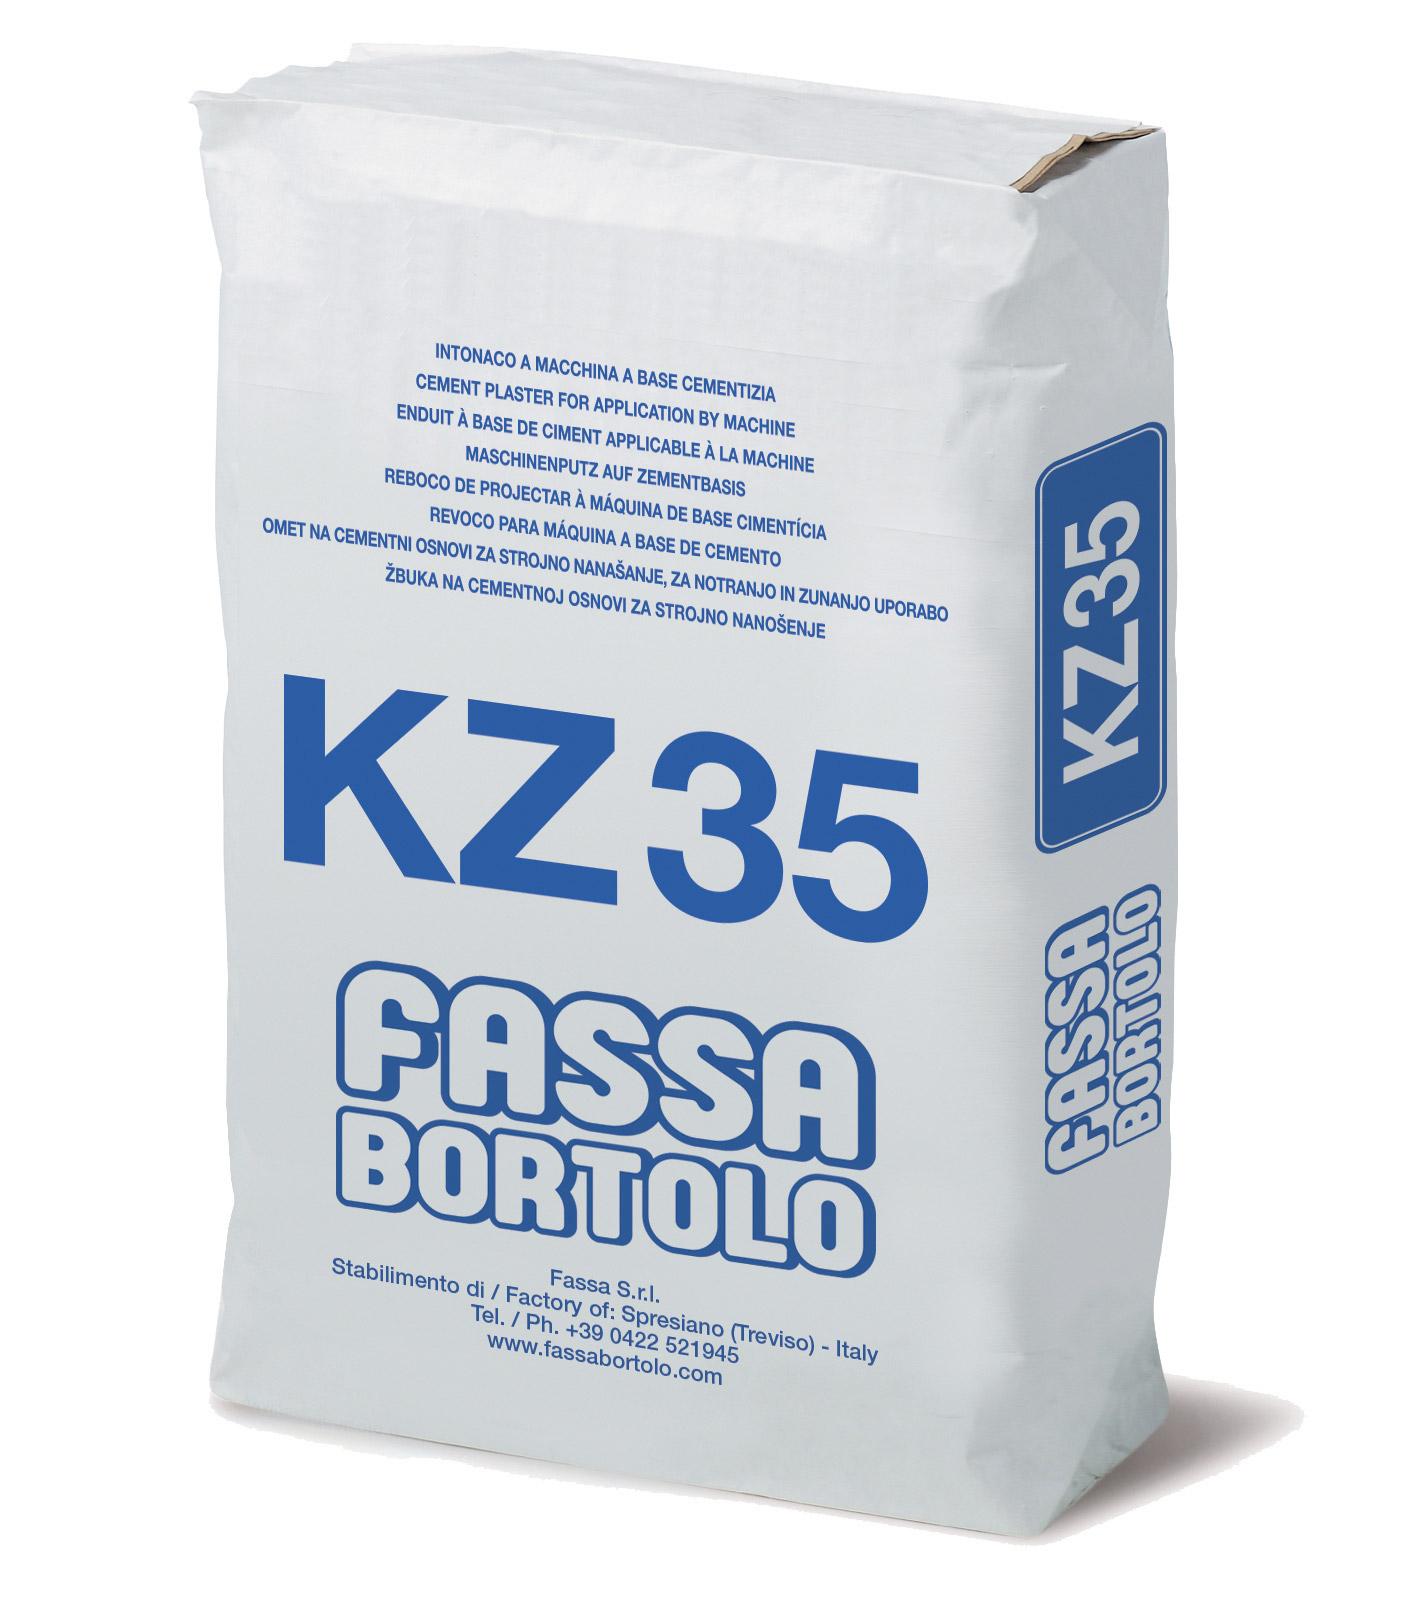 KZ 35: Intonaco di fondo con idrorepellente a base di cemento e pozzolana per zoccolatura in esterni ed interni